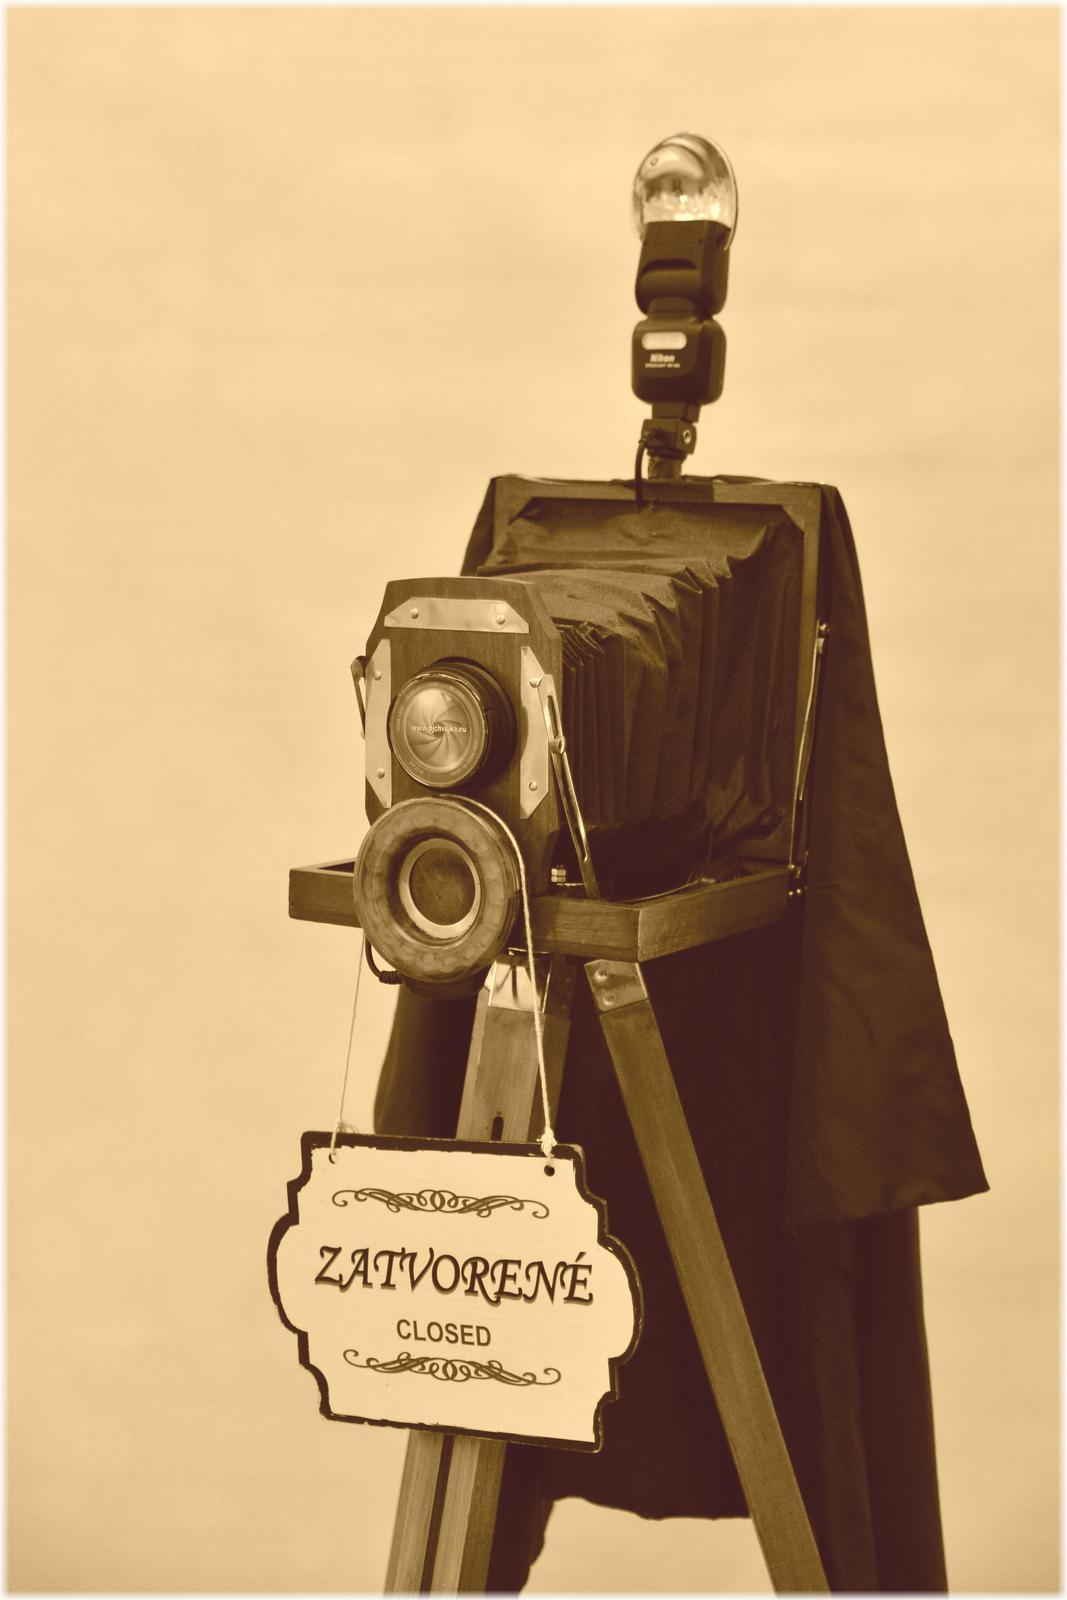 djchvojka - 19.storočie, dreveny fotoaparat v našom RETRO foto zábavnom kutiku. Je naozajstný, fotí nadherne, stačí vyskušat.